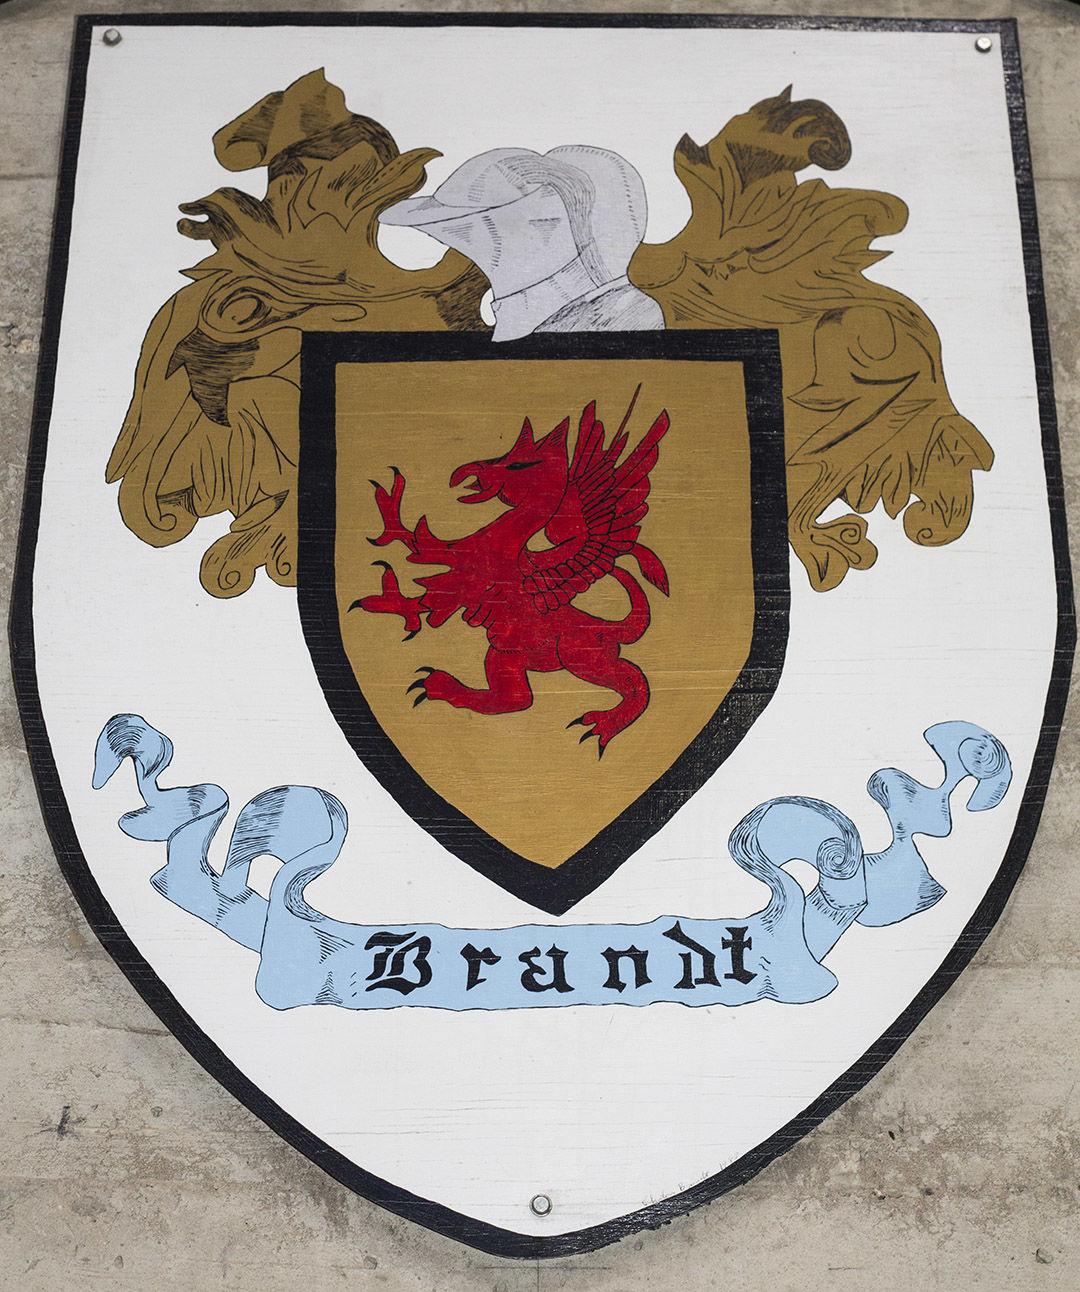 Wurstfest crests